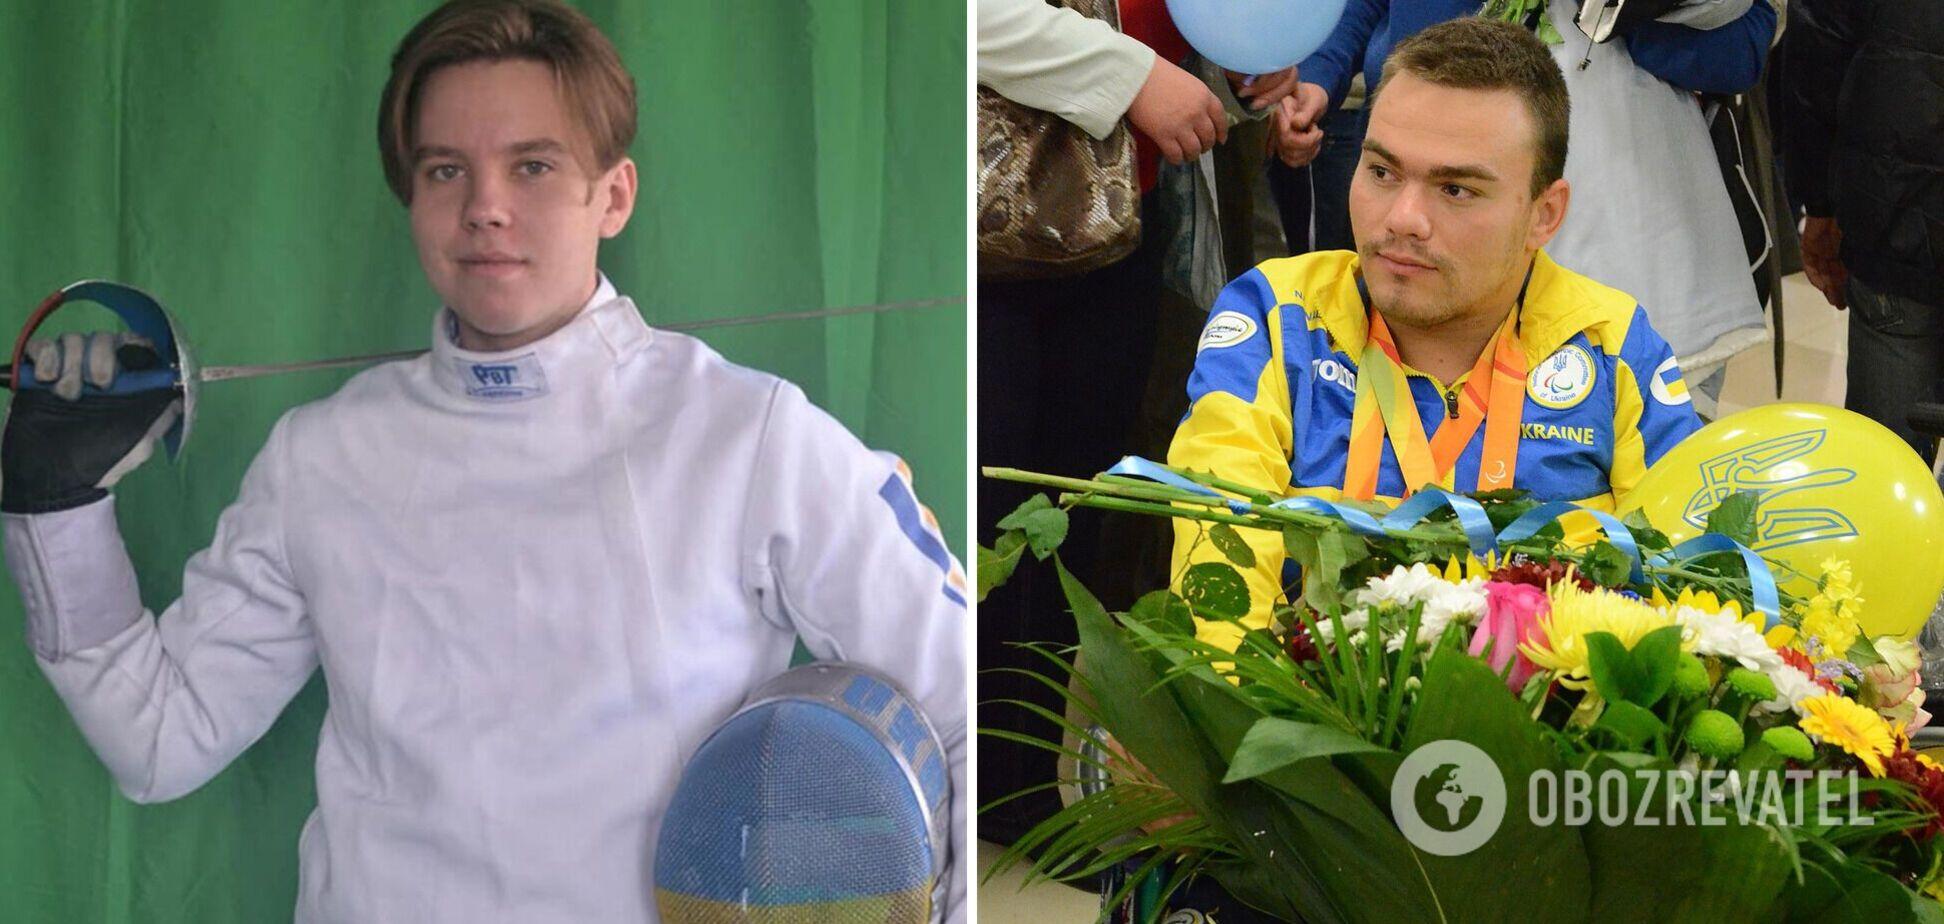 Україна завоювала п'ять срібних медалей в перший день Паралімпіади-2020